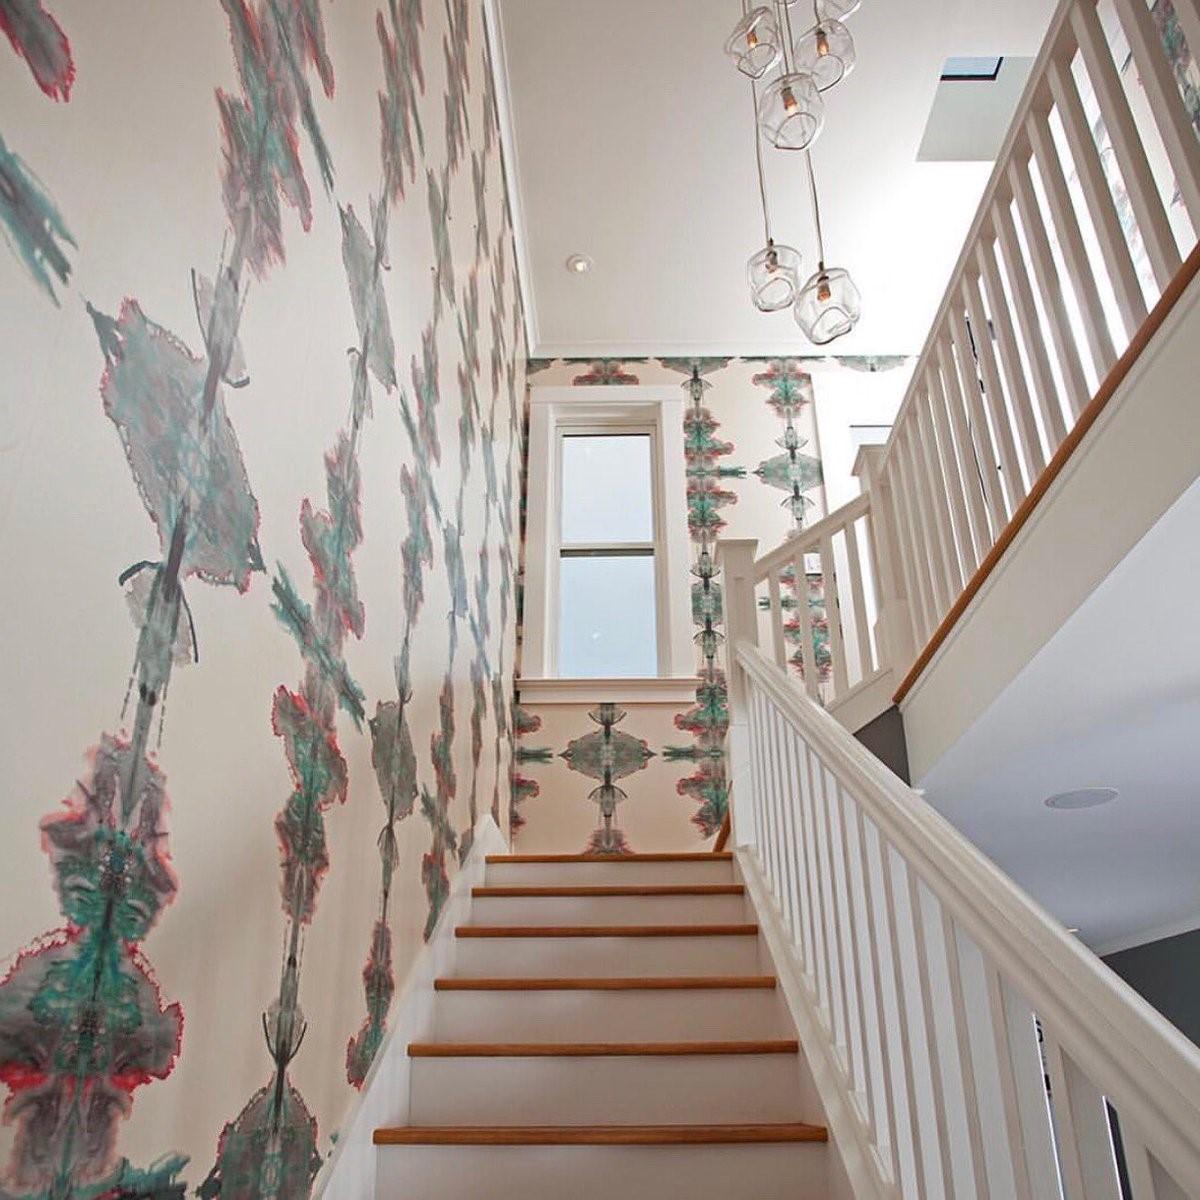 Escalier avec du papier peint abstract.